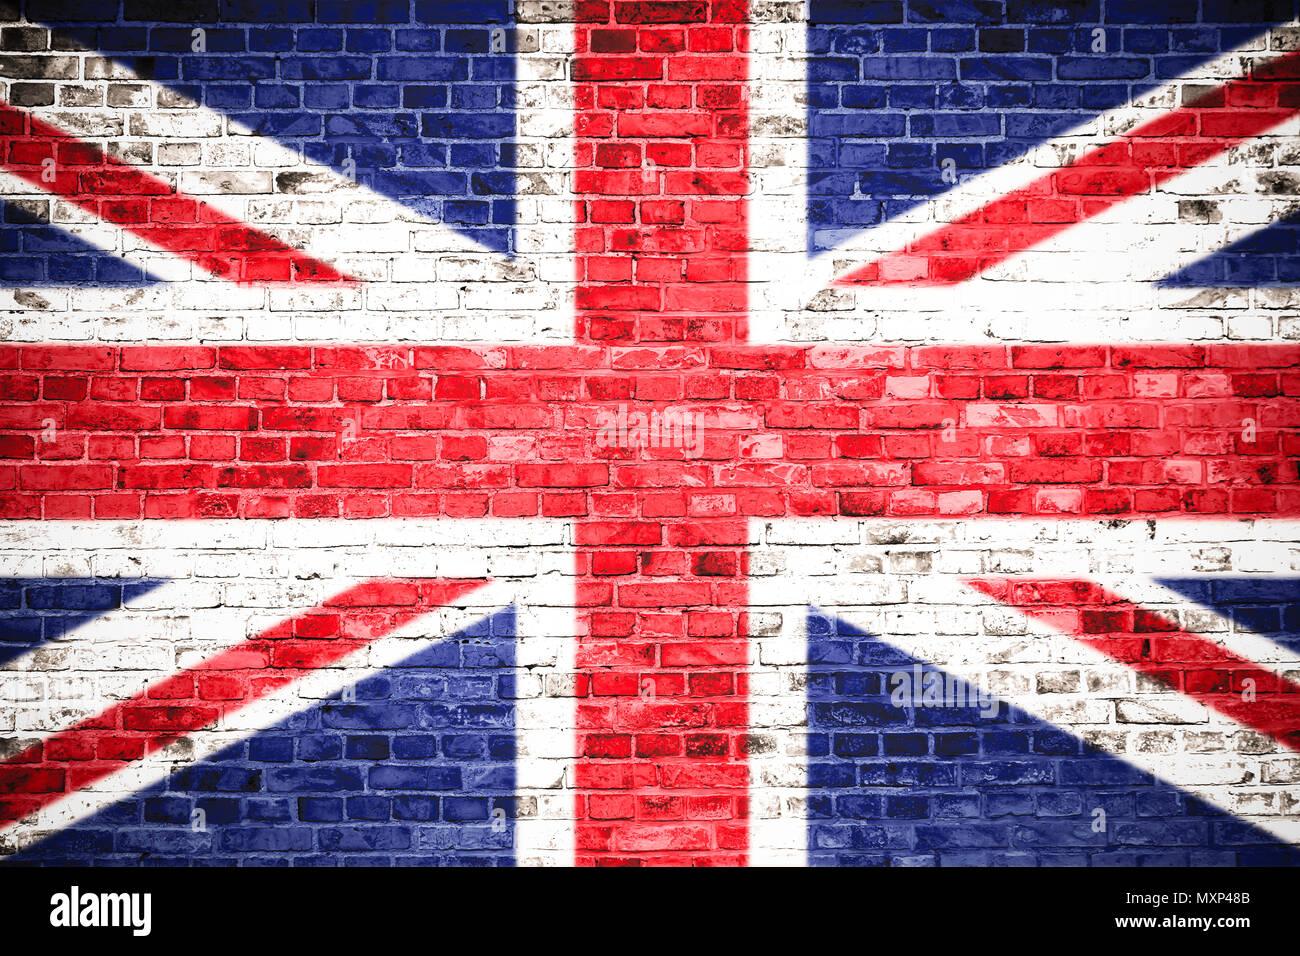 Reino Unido Uk Bandera Pintada Sobre Una Pared De Ladrillo